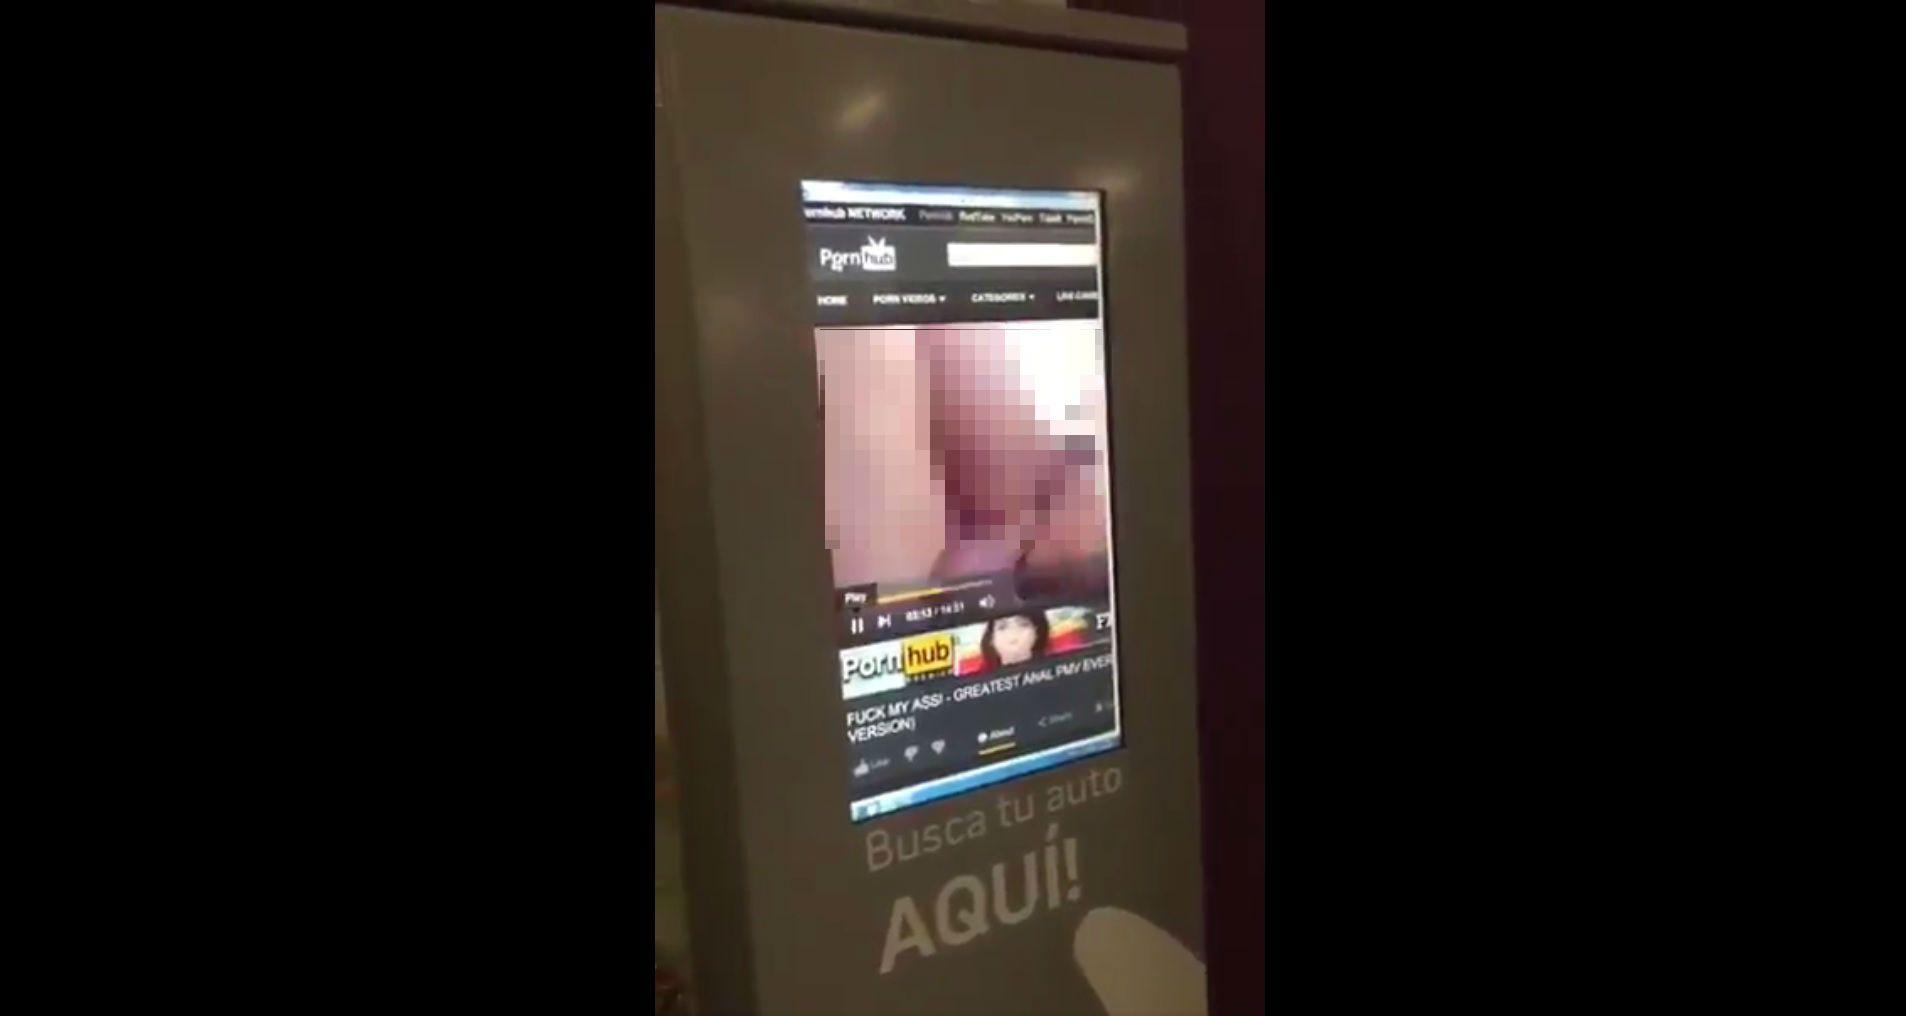 El video no tardó en viralizarse